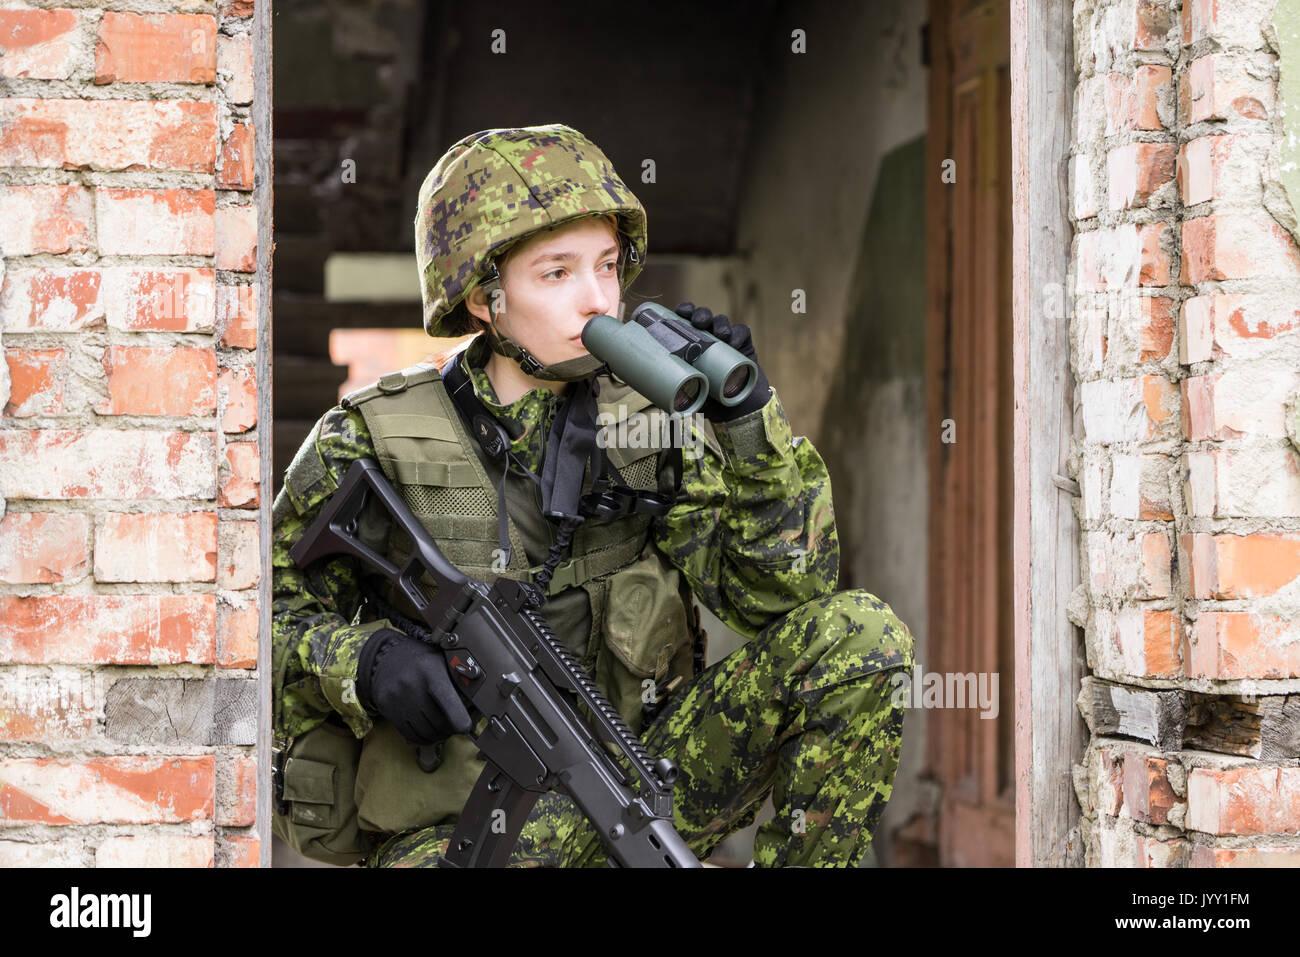 6e0d72948407 Portrait von bewaffneten Frau mit Camouflage. Junge weibliche Soldaten mit  dem Fernglas beobachten. Kind